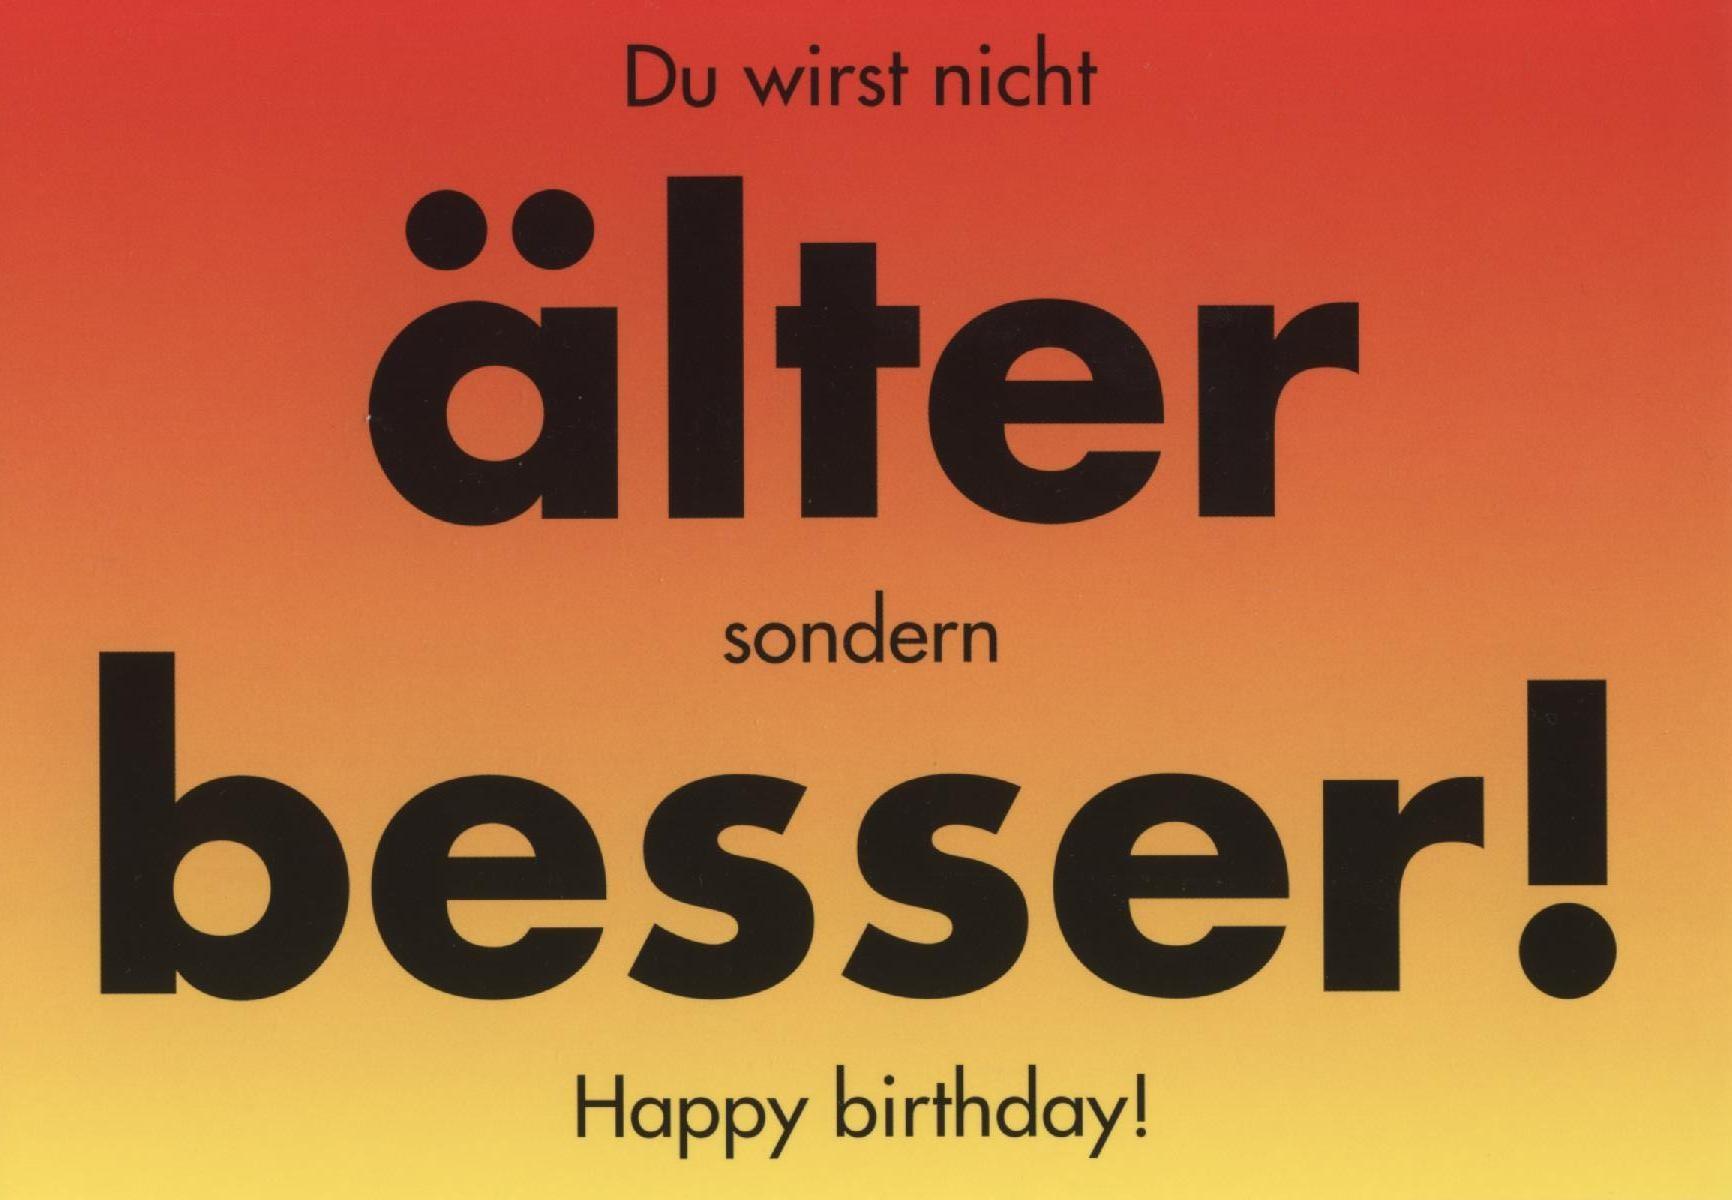 Ausgefallene Geburtstagswünsche  Humorvolle Postkarte Du wirst nicht älter sondern besser